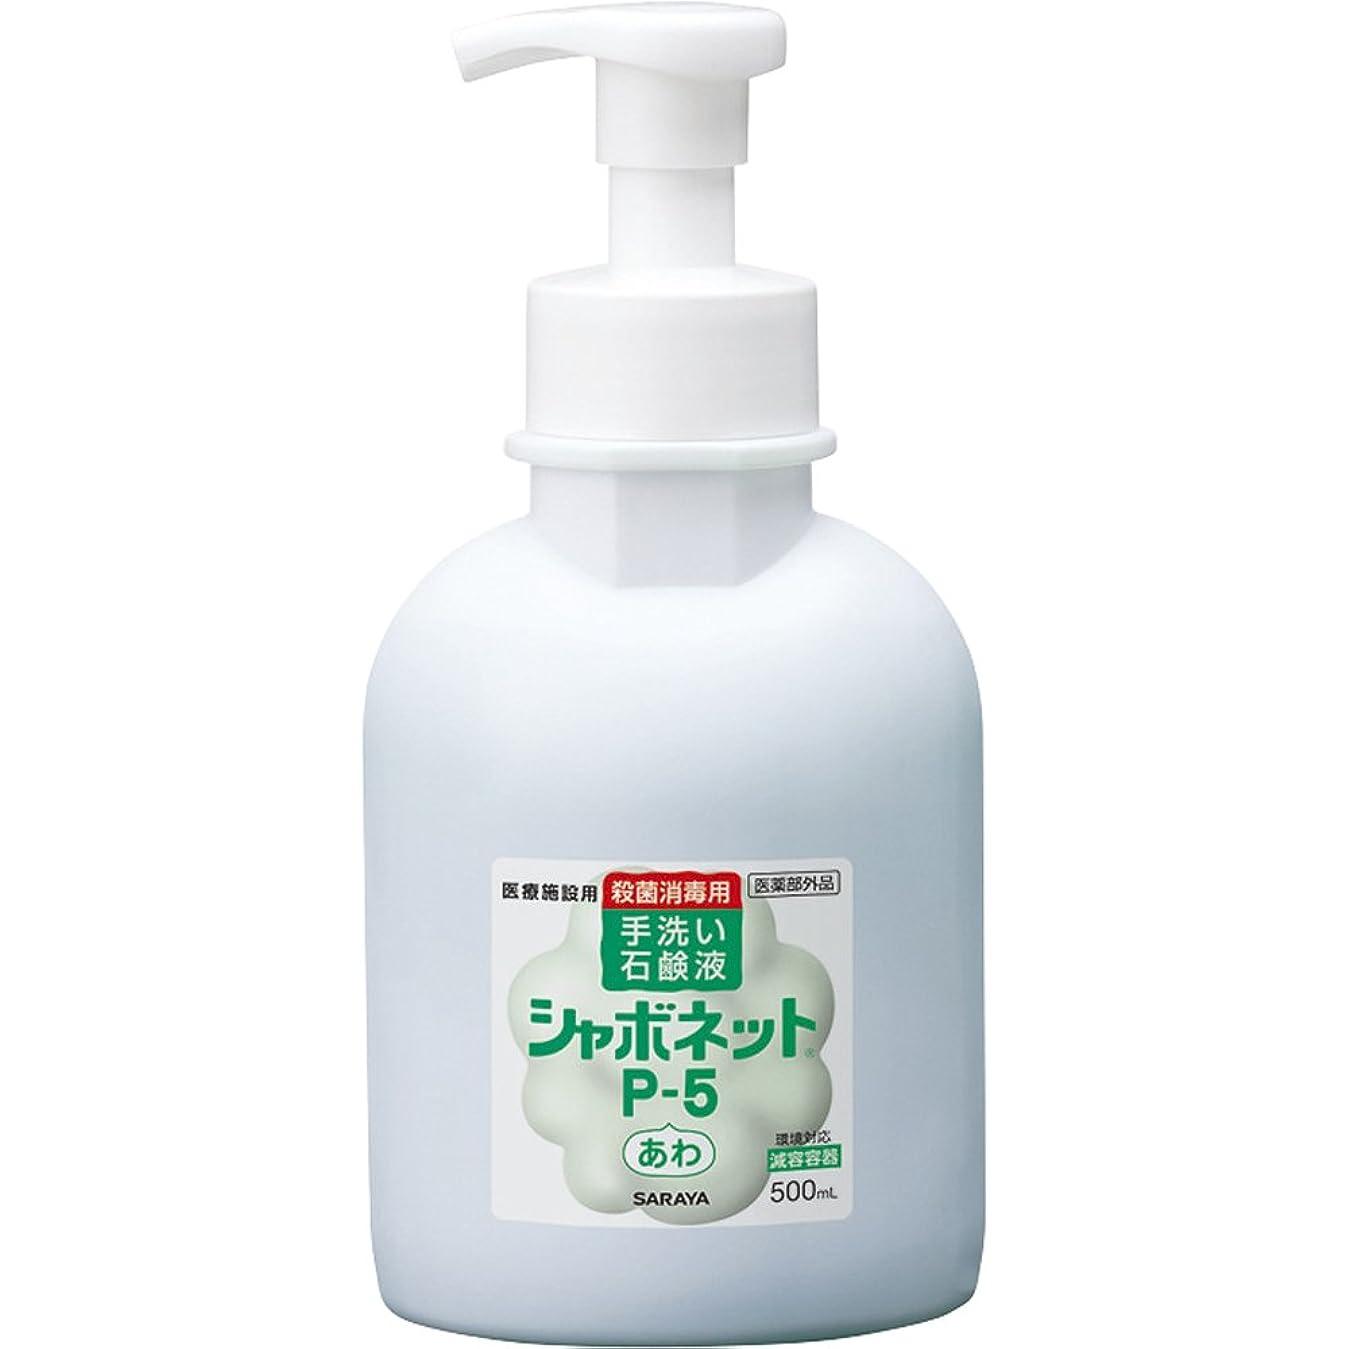 借りる配分不要サラヤ シャボネットP-5 (500ml 泡ポンプ付) 手指殺菌?消毒 植物性薬用石けん液 (シトラスグリーンの香り)